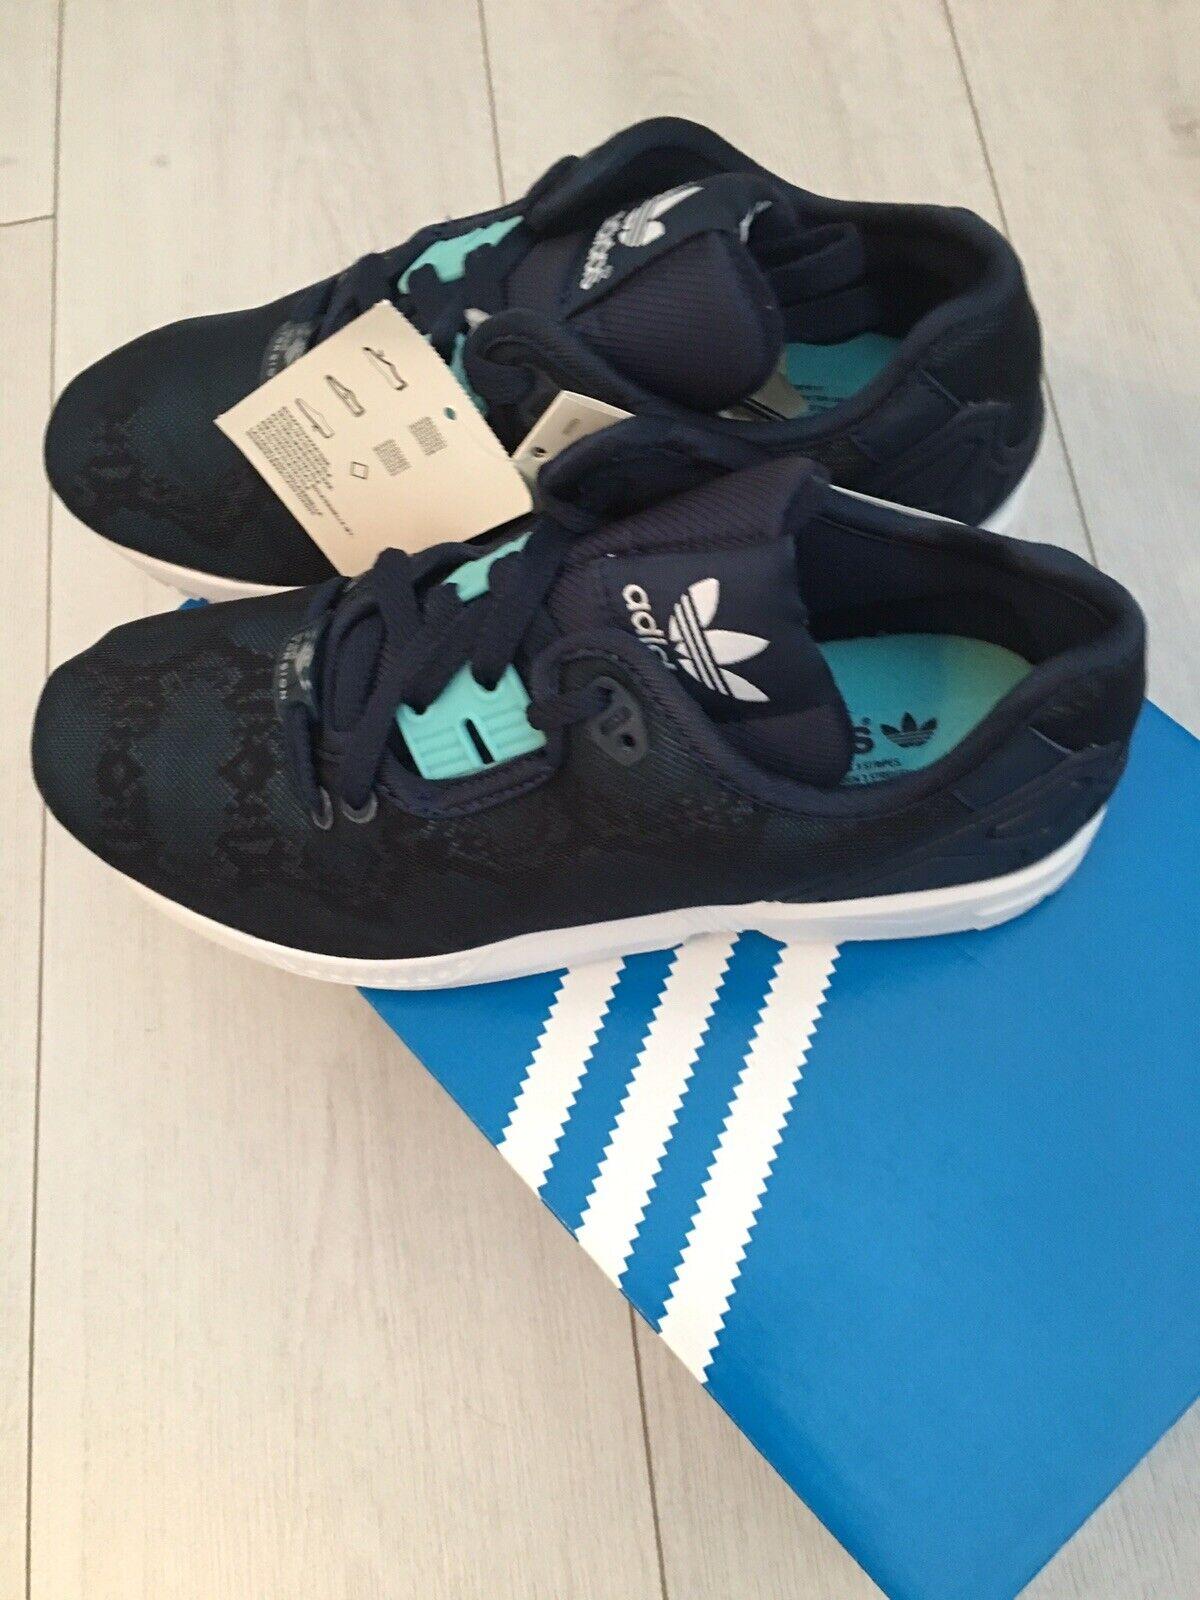 Adidas Zx Flux Decon bluee Loapard Print Size 4.5